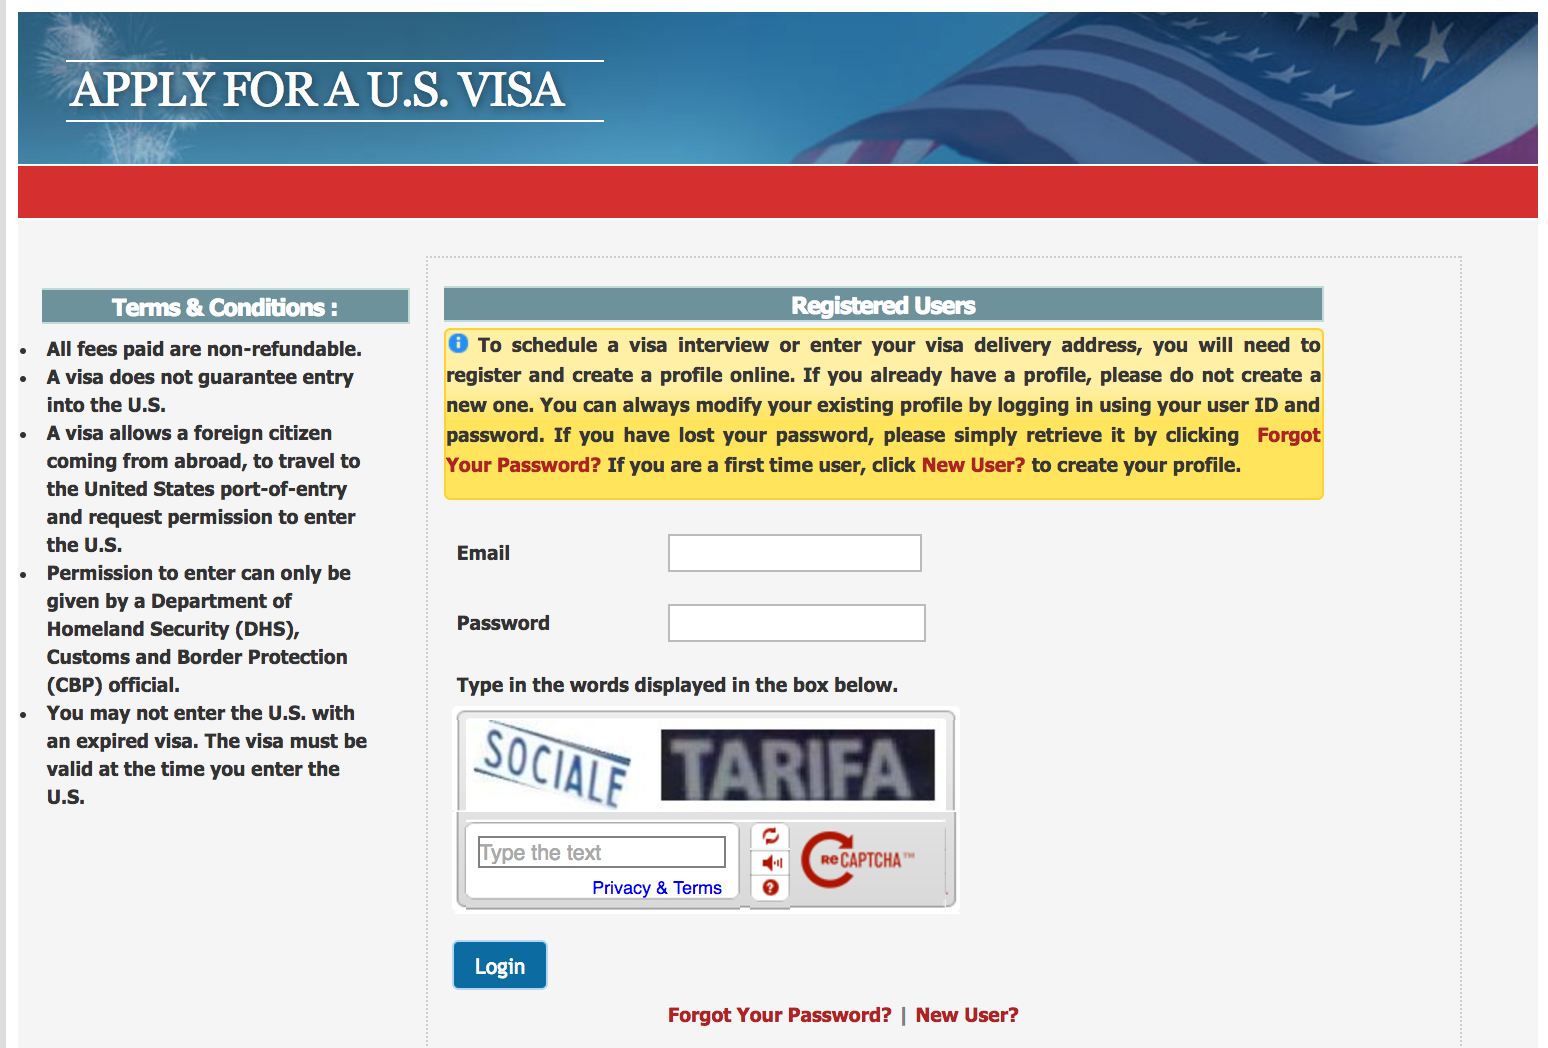 Karyn's Wonderland: [美國] 續F1 VISA +更換護照 (面試前換了新護照)